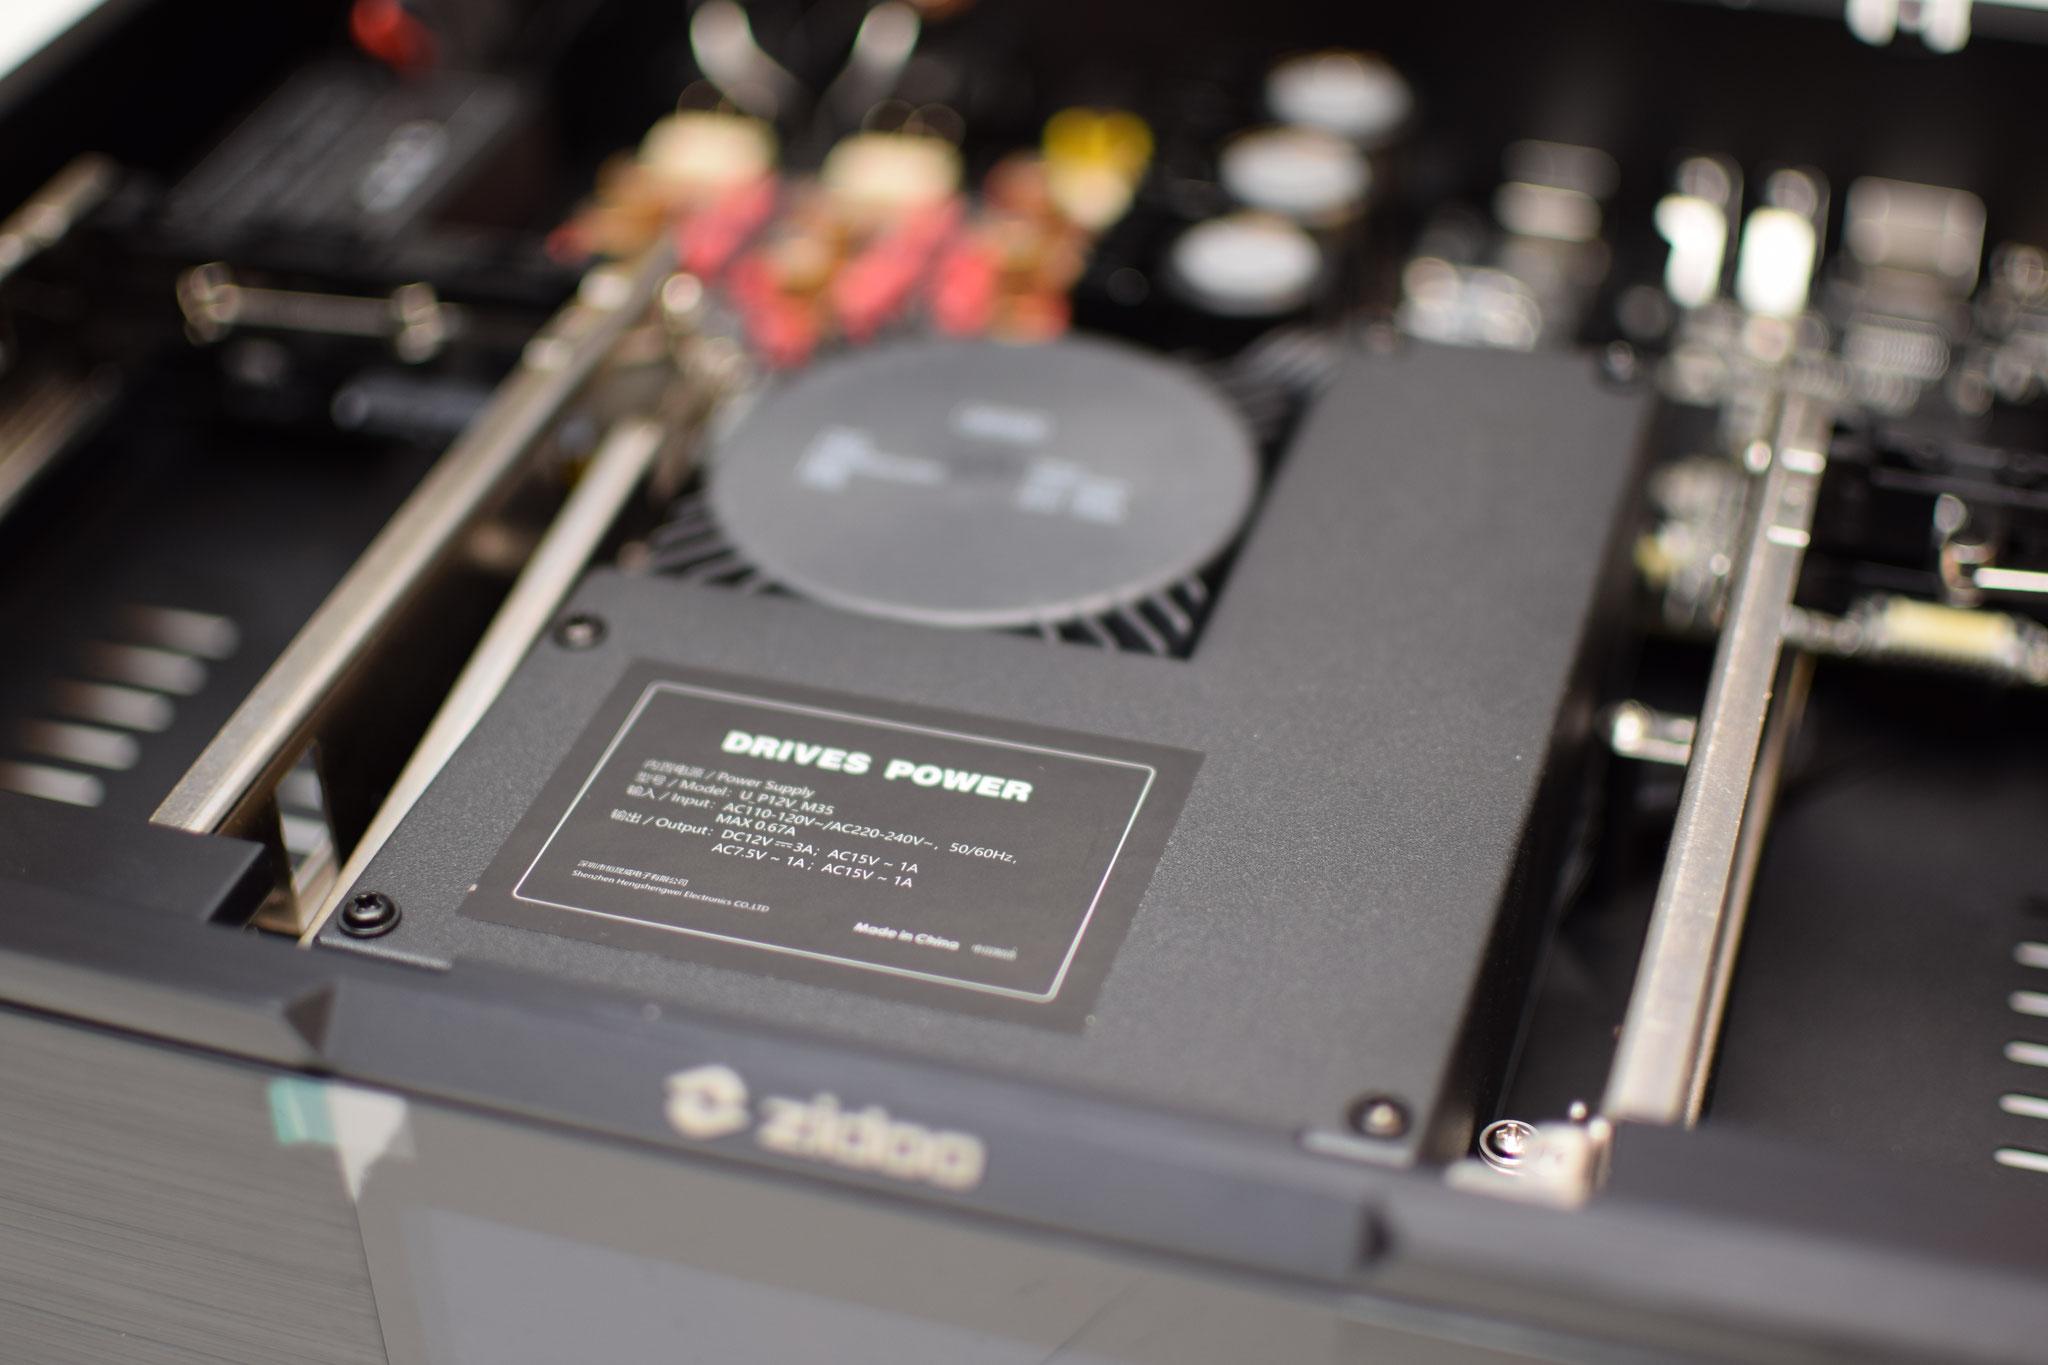 Zidoo UHD 3000 neues Linearnetzteil